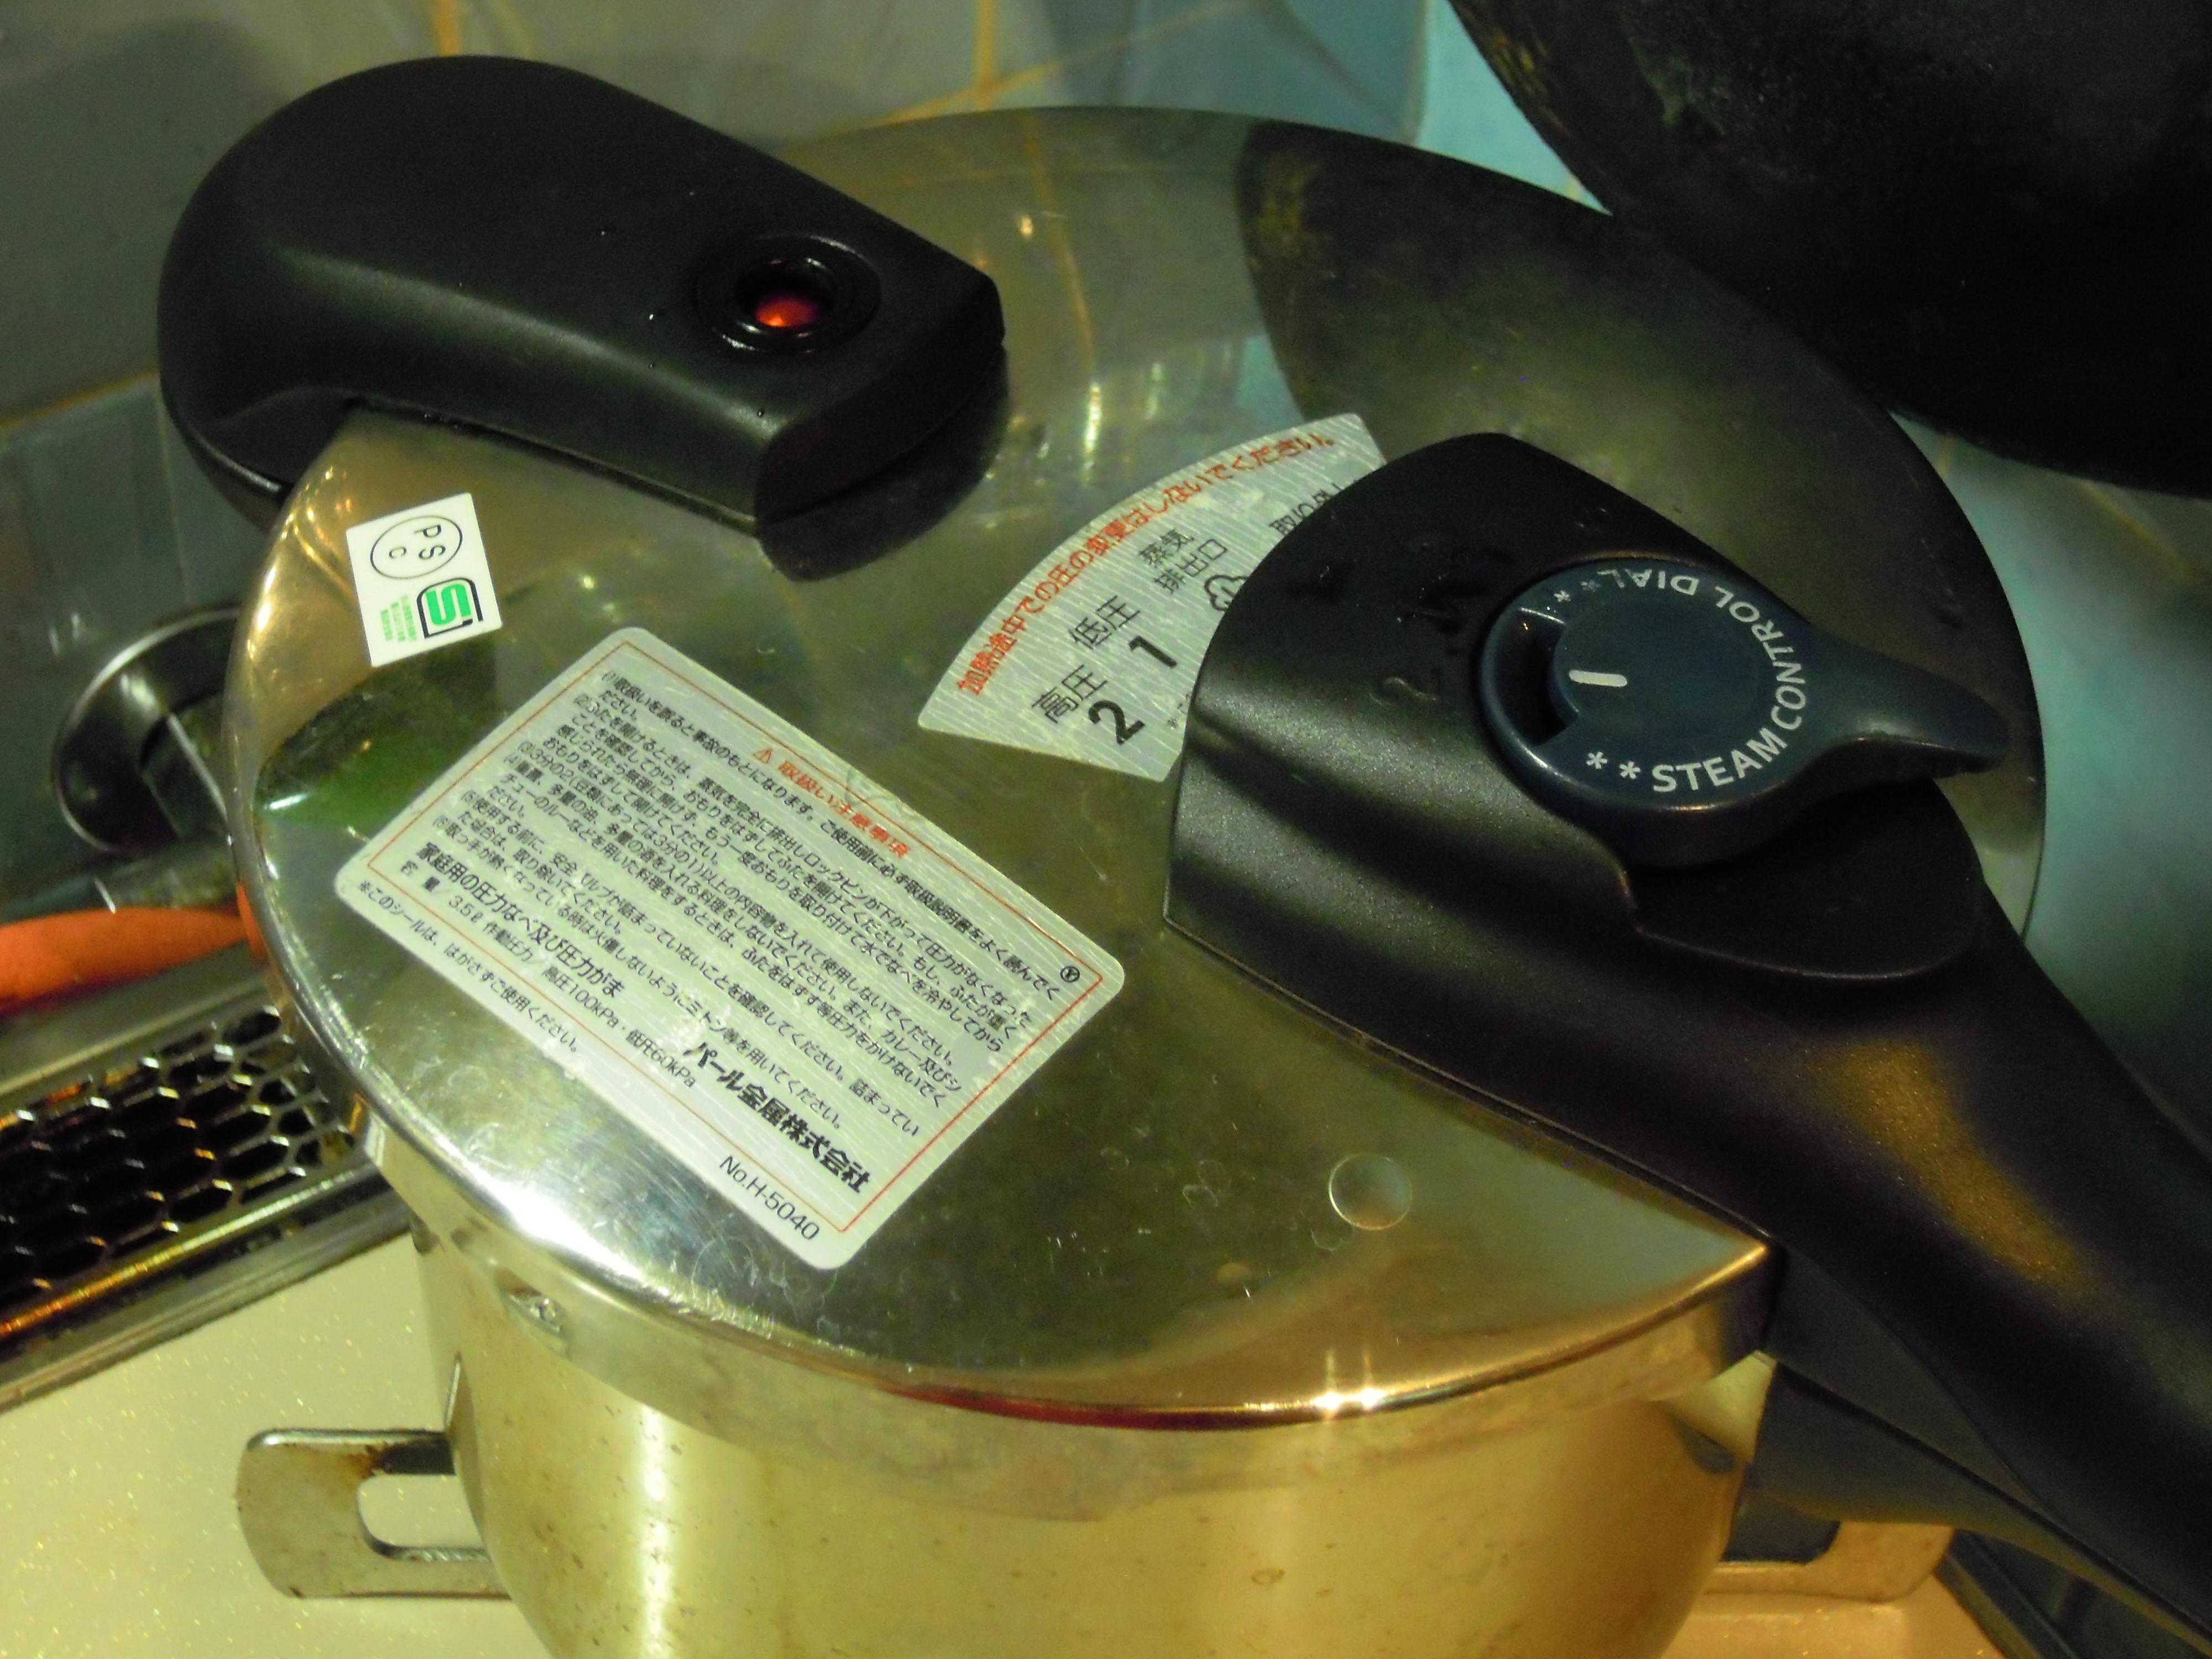 沸騰させてアクを取った後に蓋をし、15分加圧